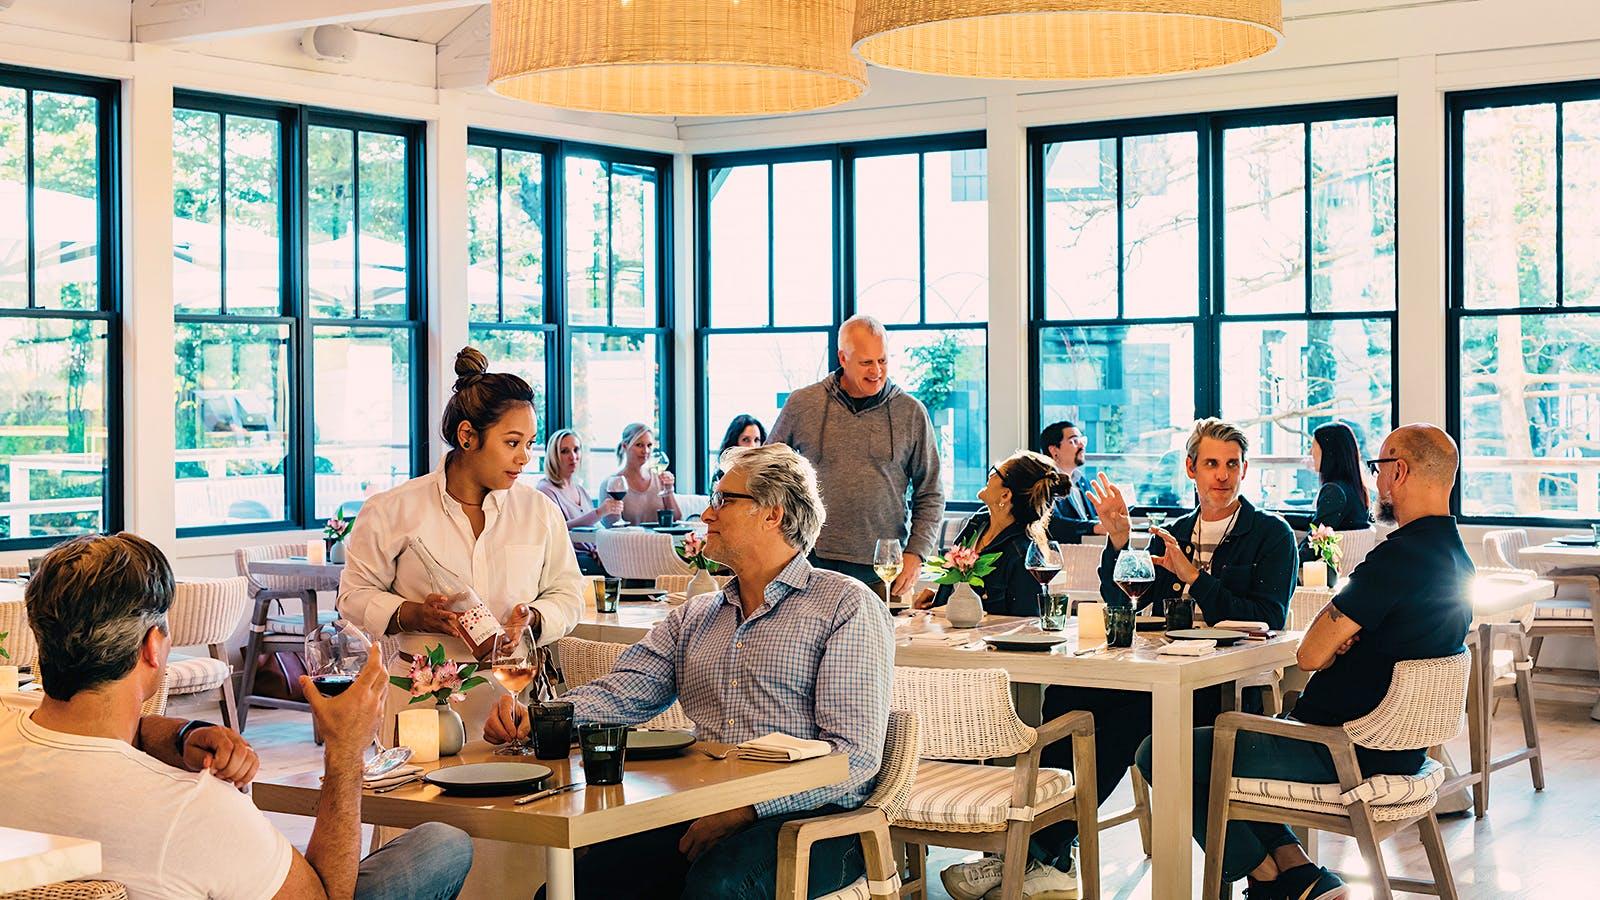 Sonoma: Where to Eat